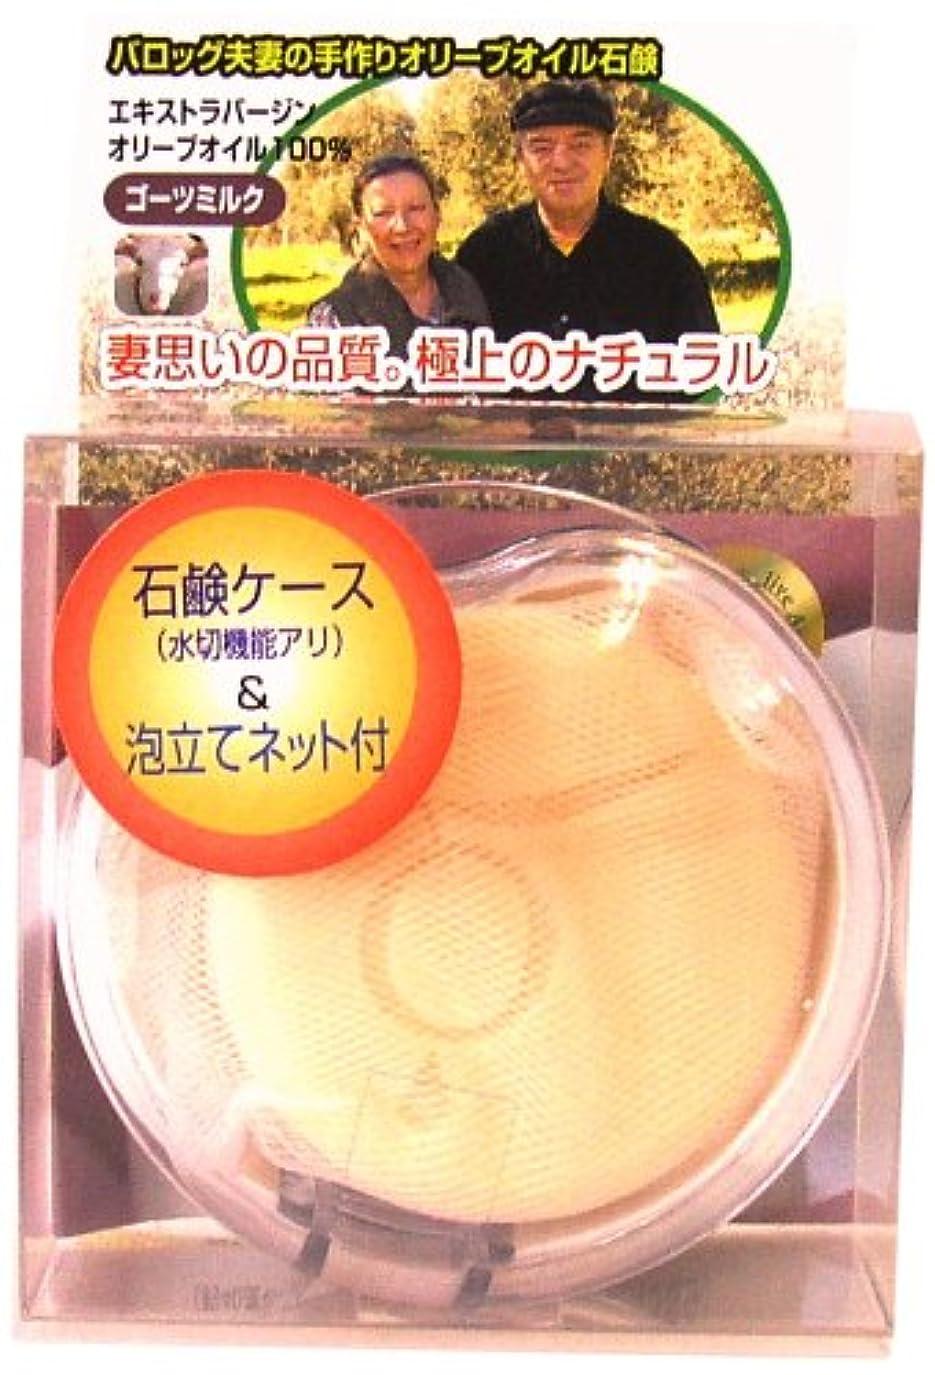 鉛フクロウ感情バロッグ夫婦の手作りオリーブオイル石鹸 ミニ石鹸ケース付(ゴーツミルク) 20g